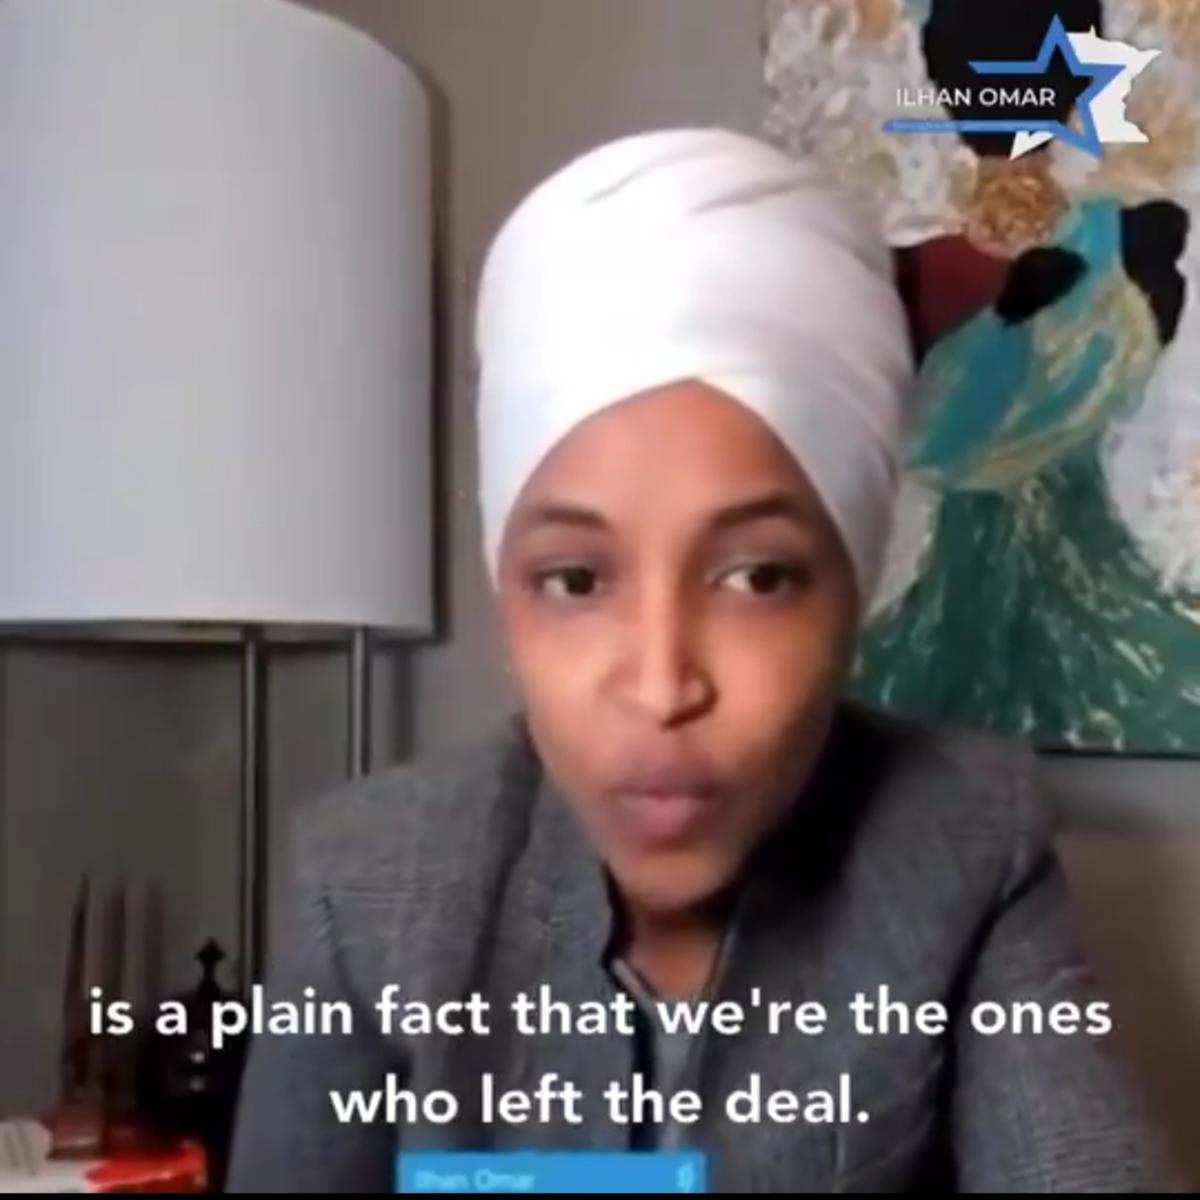 سوال دقیق نماینده کنگره از وزیر خارجه آمریکا + ویدئو